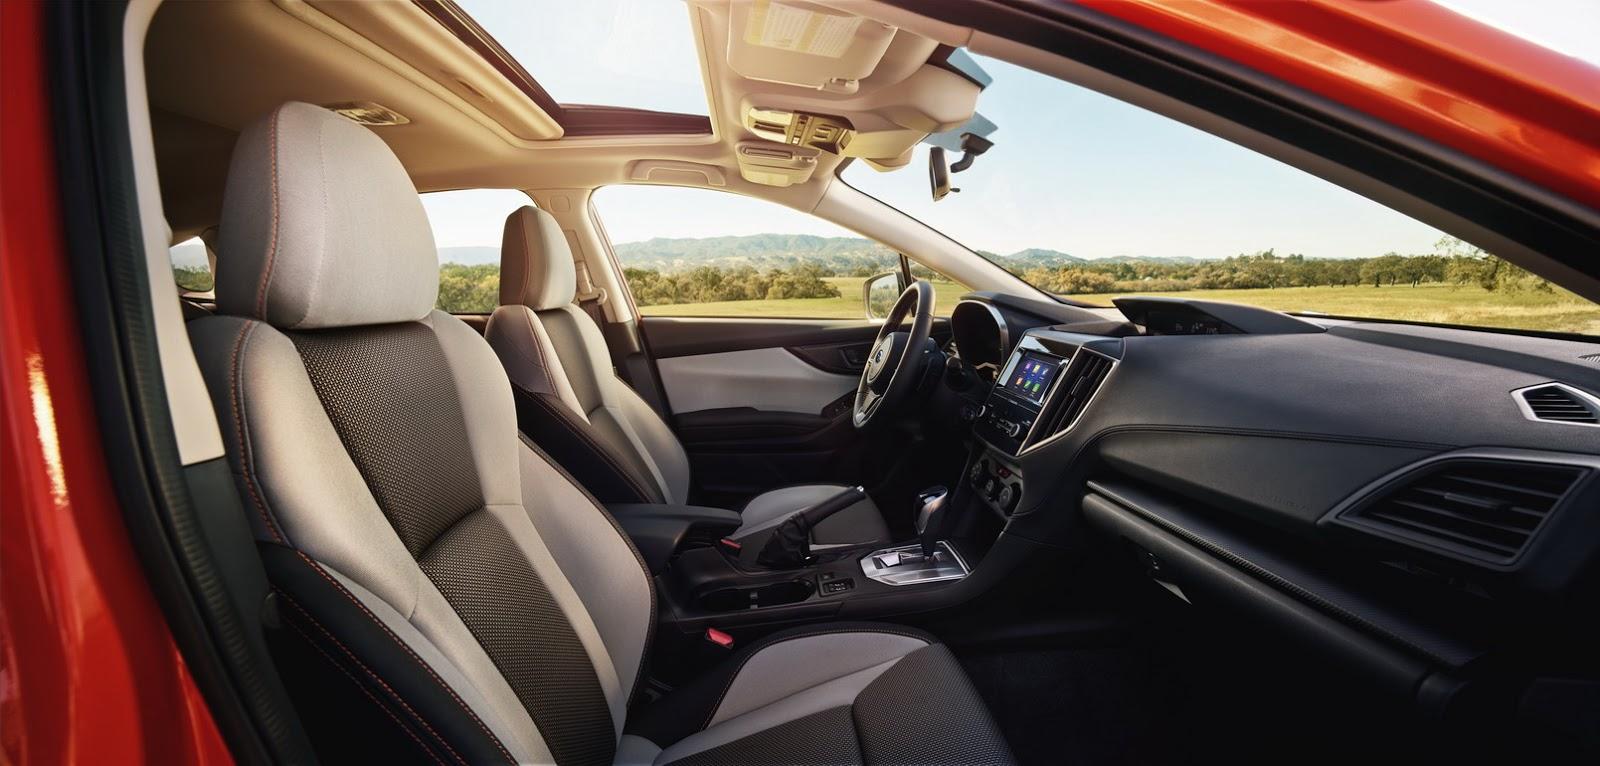 Премьера нового Subaru Outback состоится в Нью-Йорке картинки